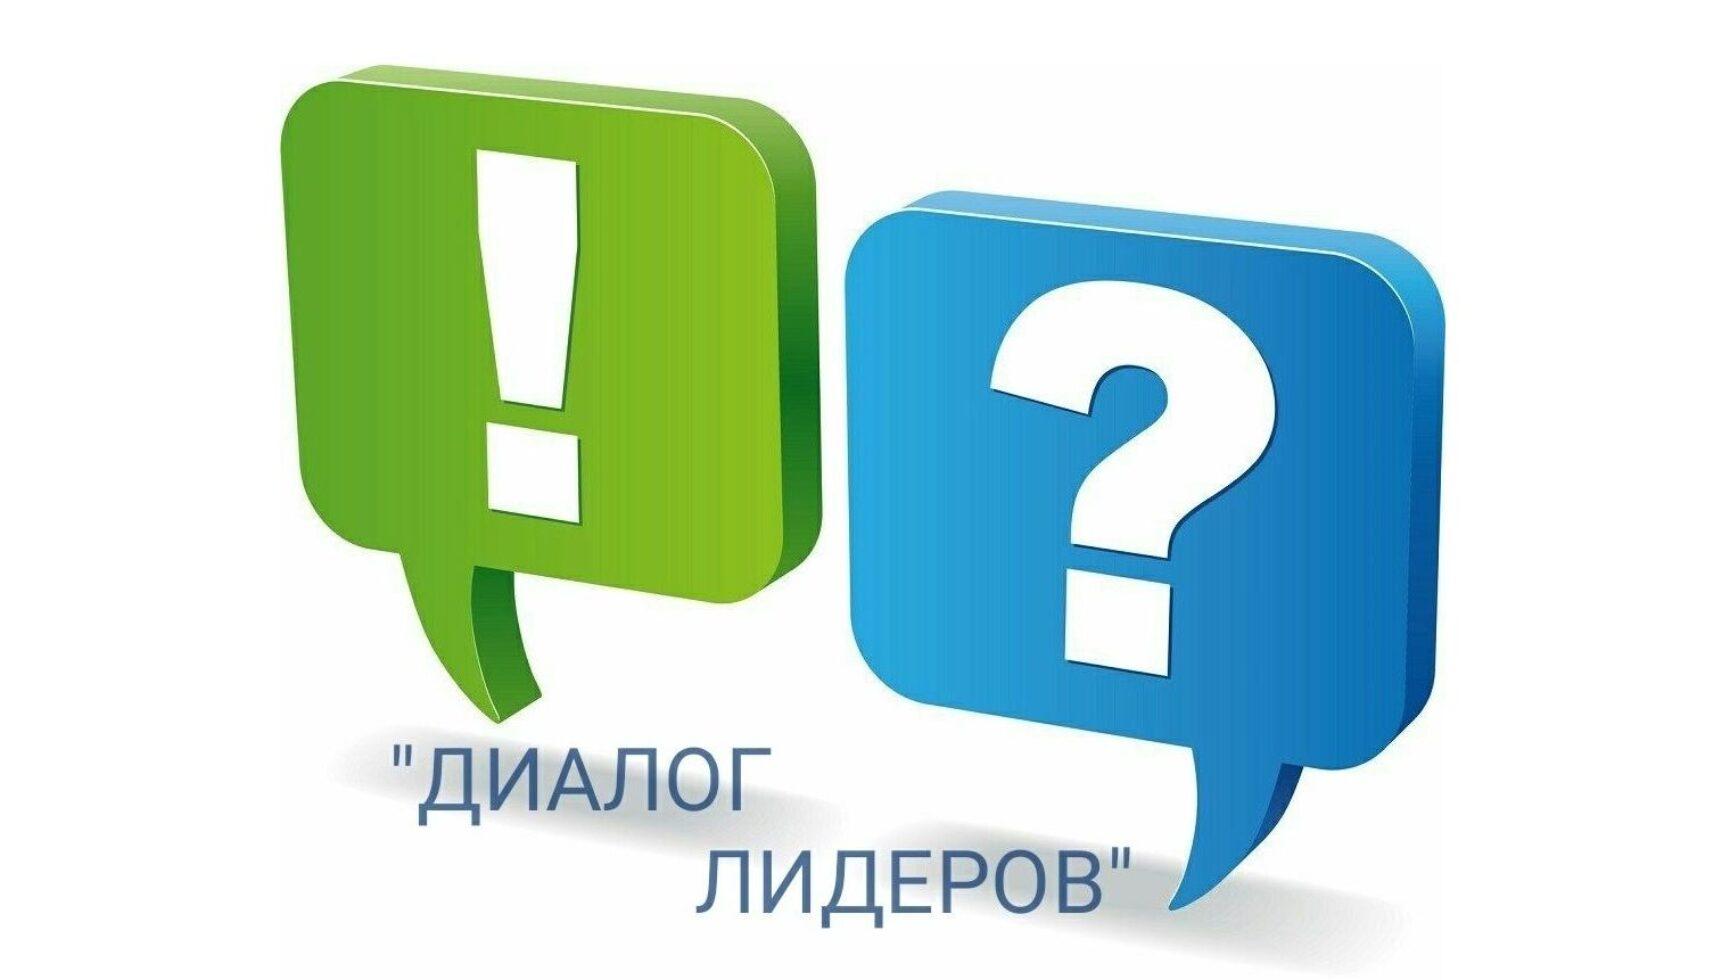 Ресурсный центр правительства Тульской области приглашает руководителей некоммерческих организаций на онлайн-встречу в рамках проекта «Диалог Лидеров»: «Информационная открытость деятельности СО НКО»